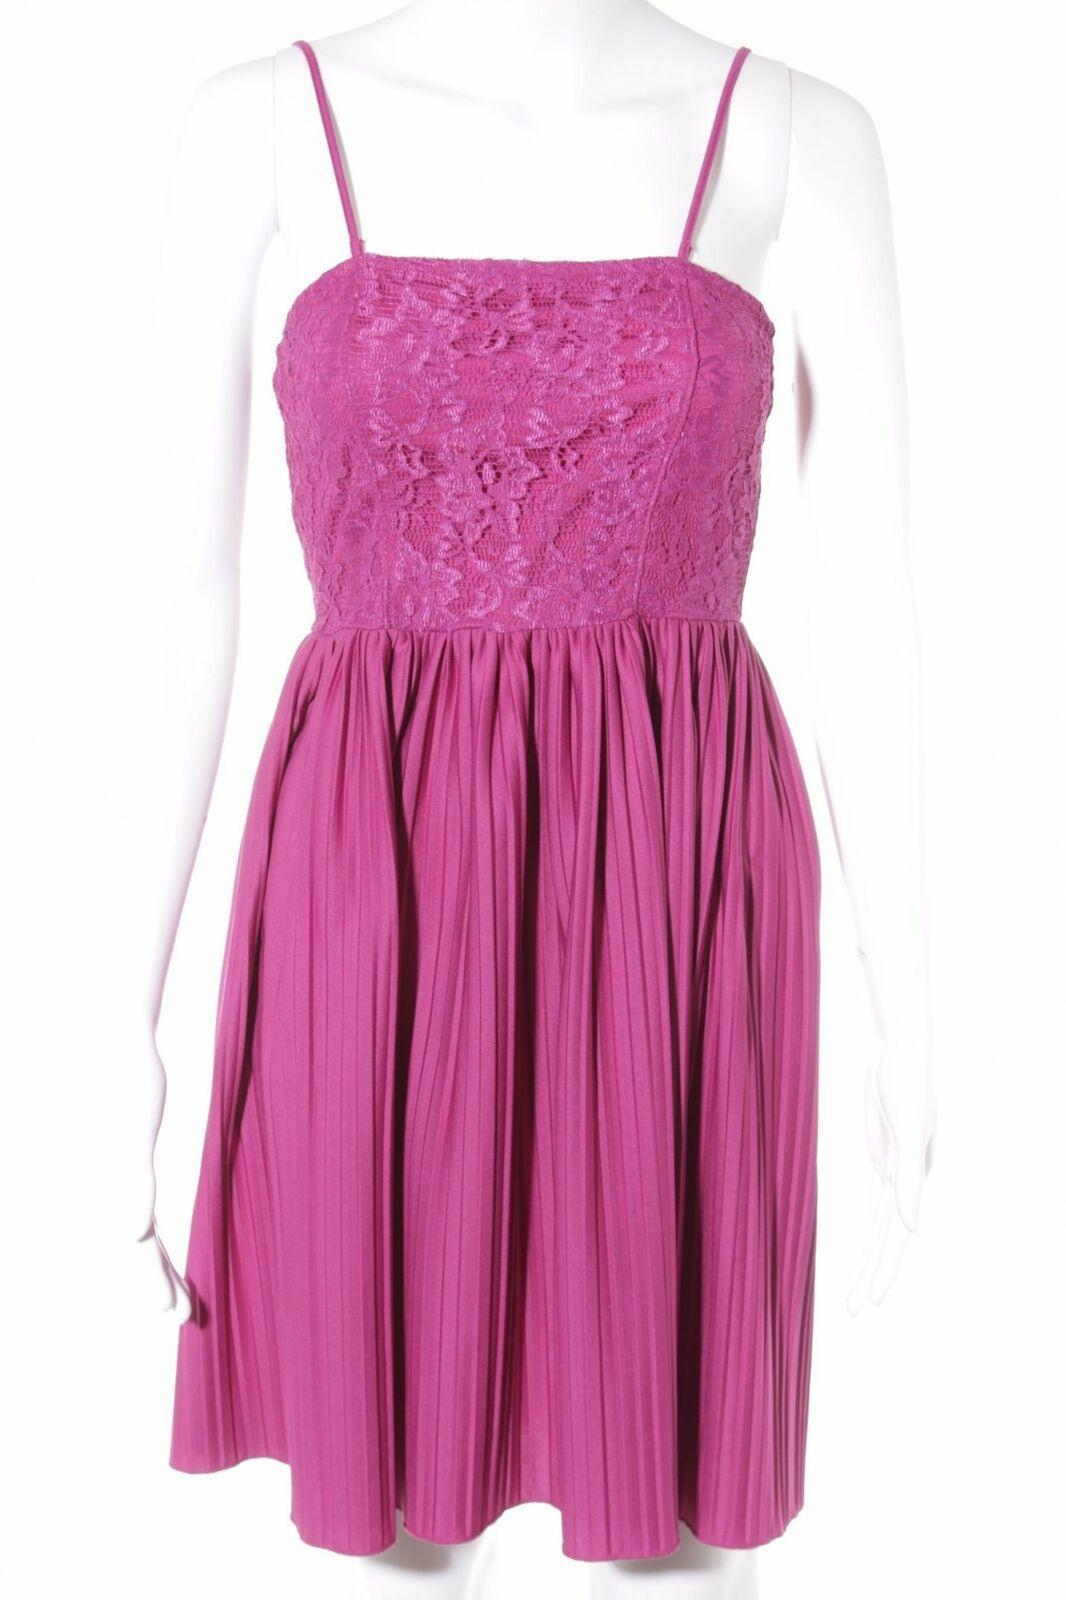 13 Perfekt Vero Moda Abendkleider Vertrieb15 Schön Vero Moda Abendkleider Stylish